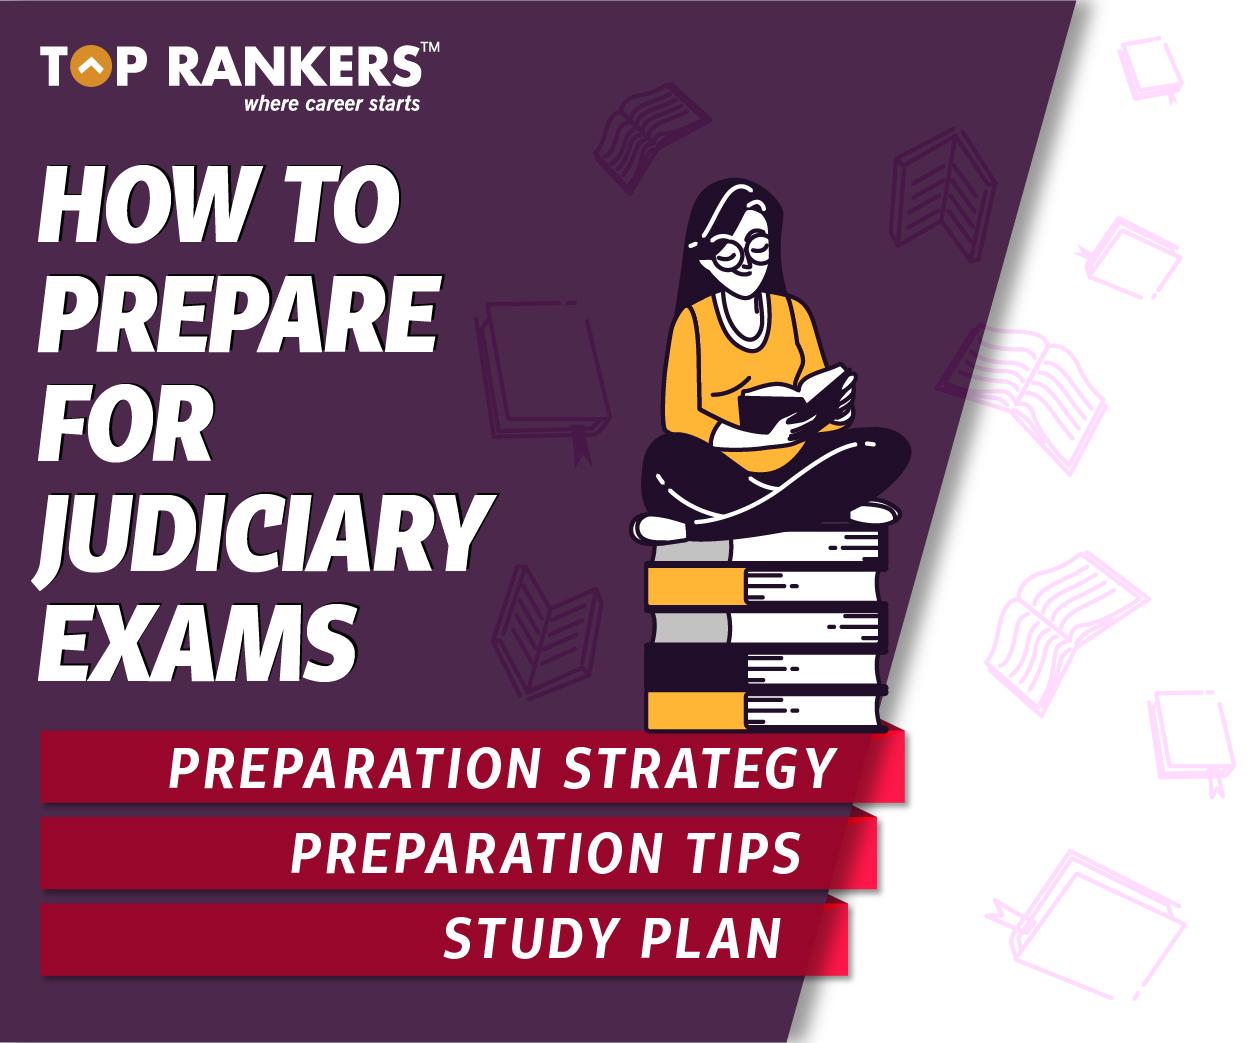 How to Prepare for Judiciary Exams